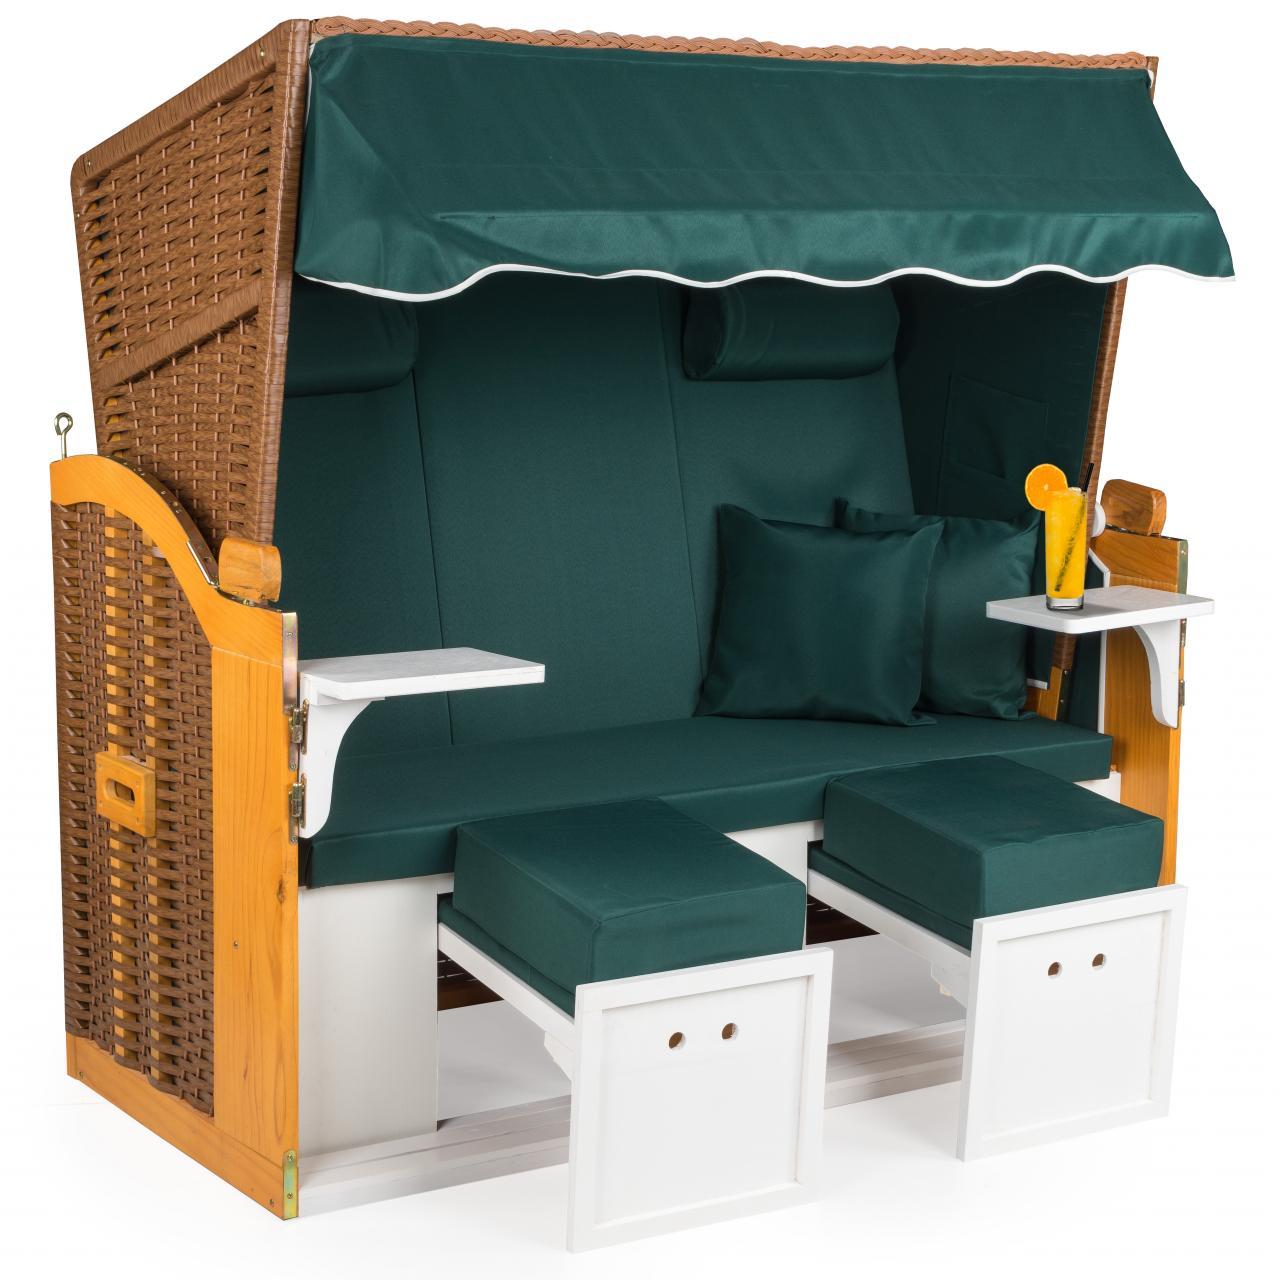 strandkorb 160cm premium volllieger nordsee gartenm bel gartenliege sonnenliege ebay. Black Bedroom Furniture Sets. Home Design Ideas